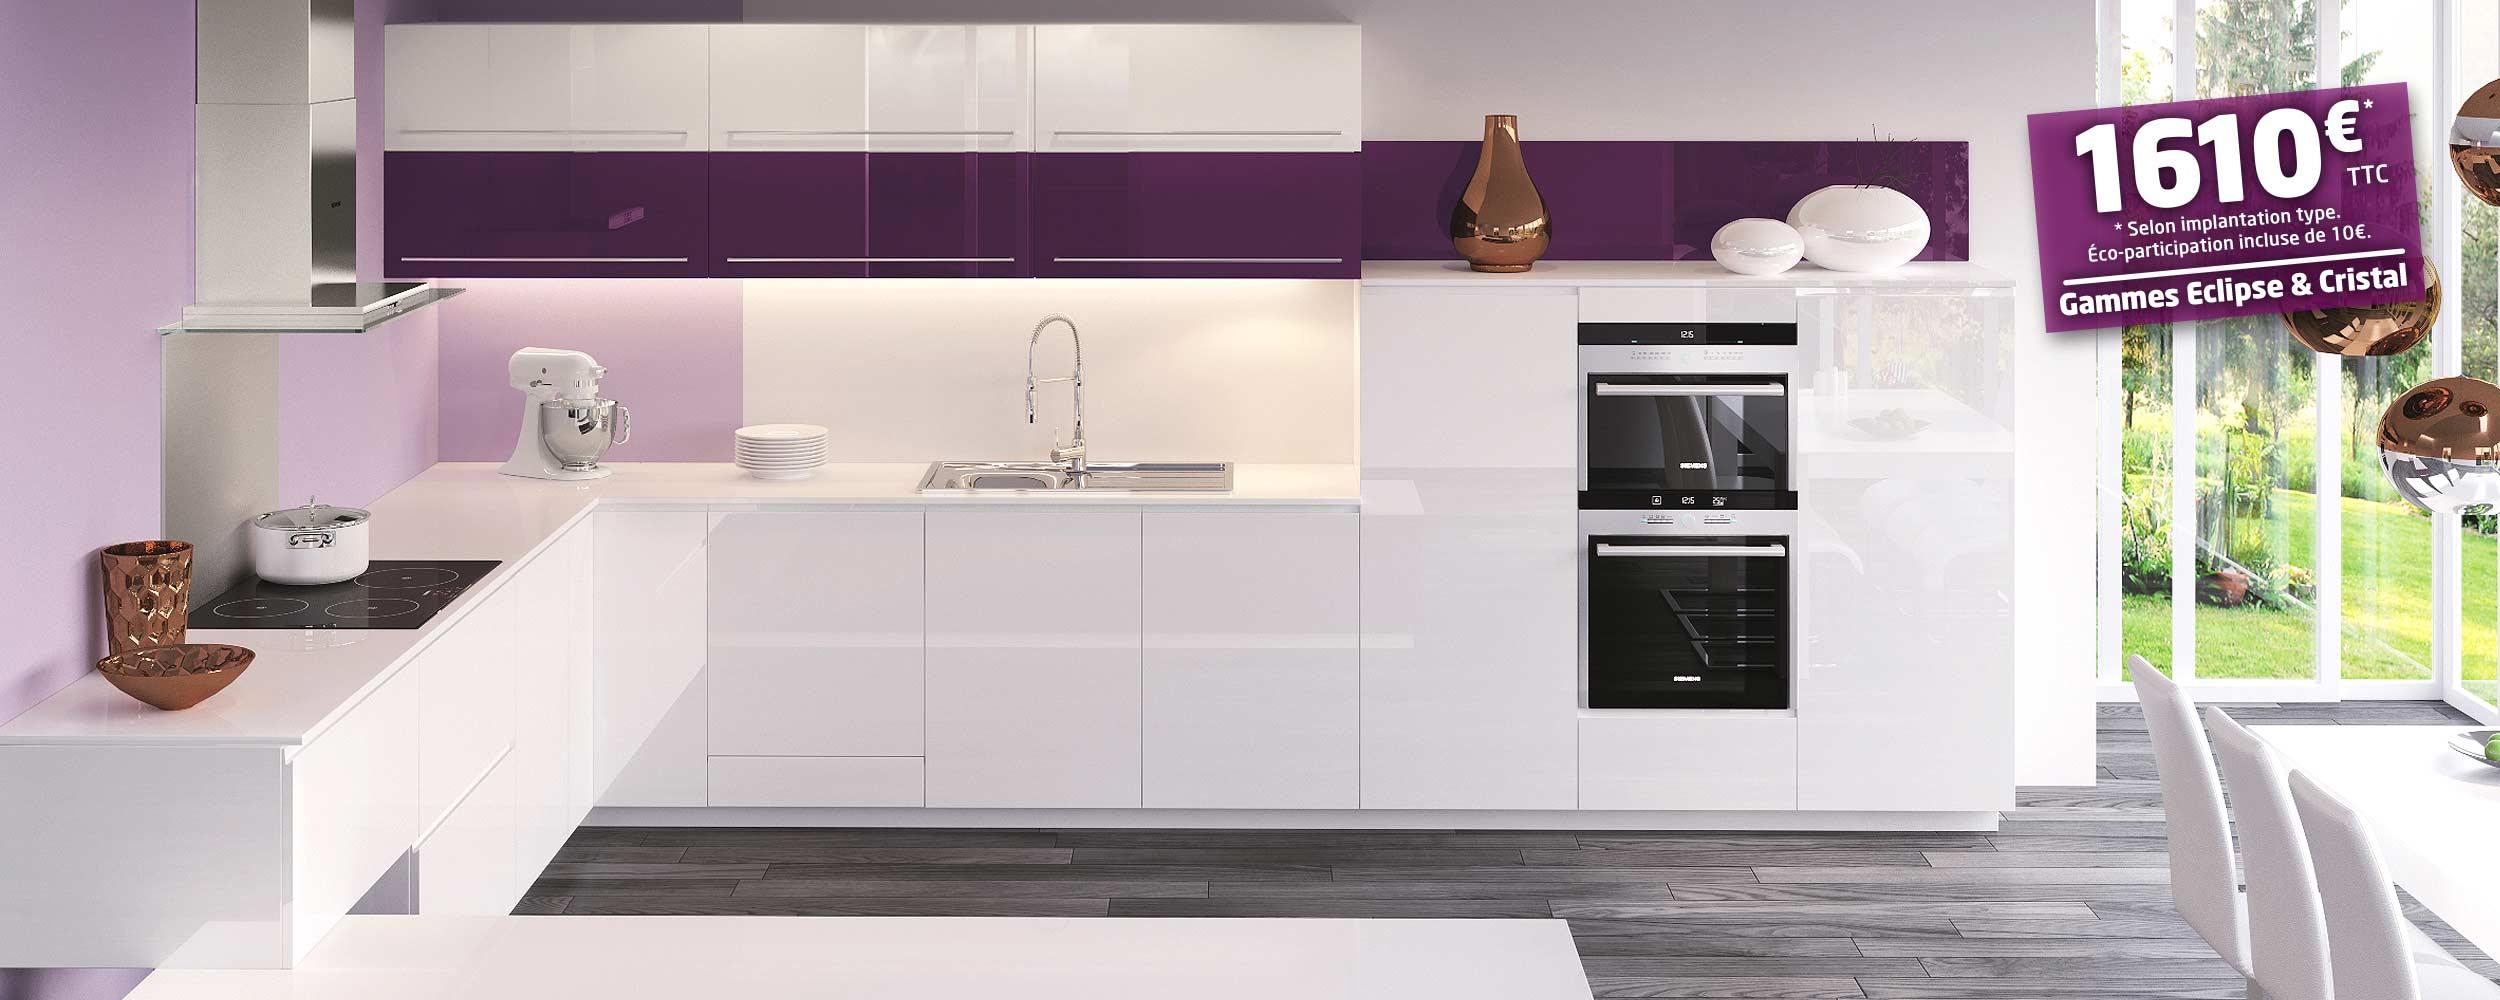 idea-cuisines-63-eclipse-et-cristal-prune-2500x800